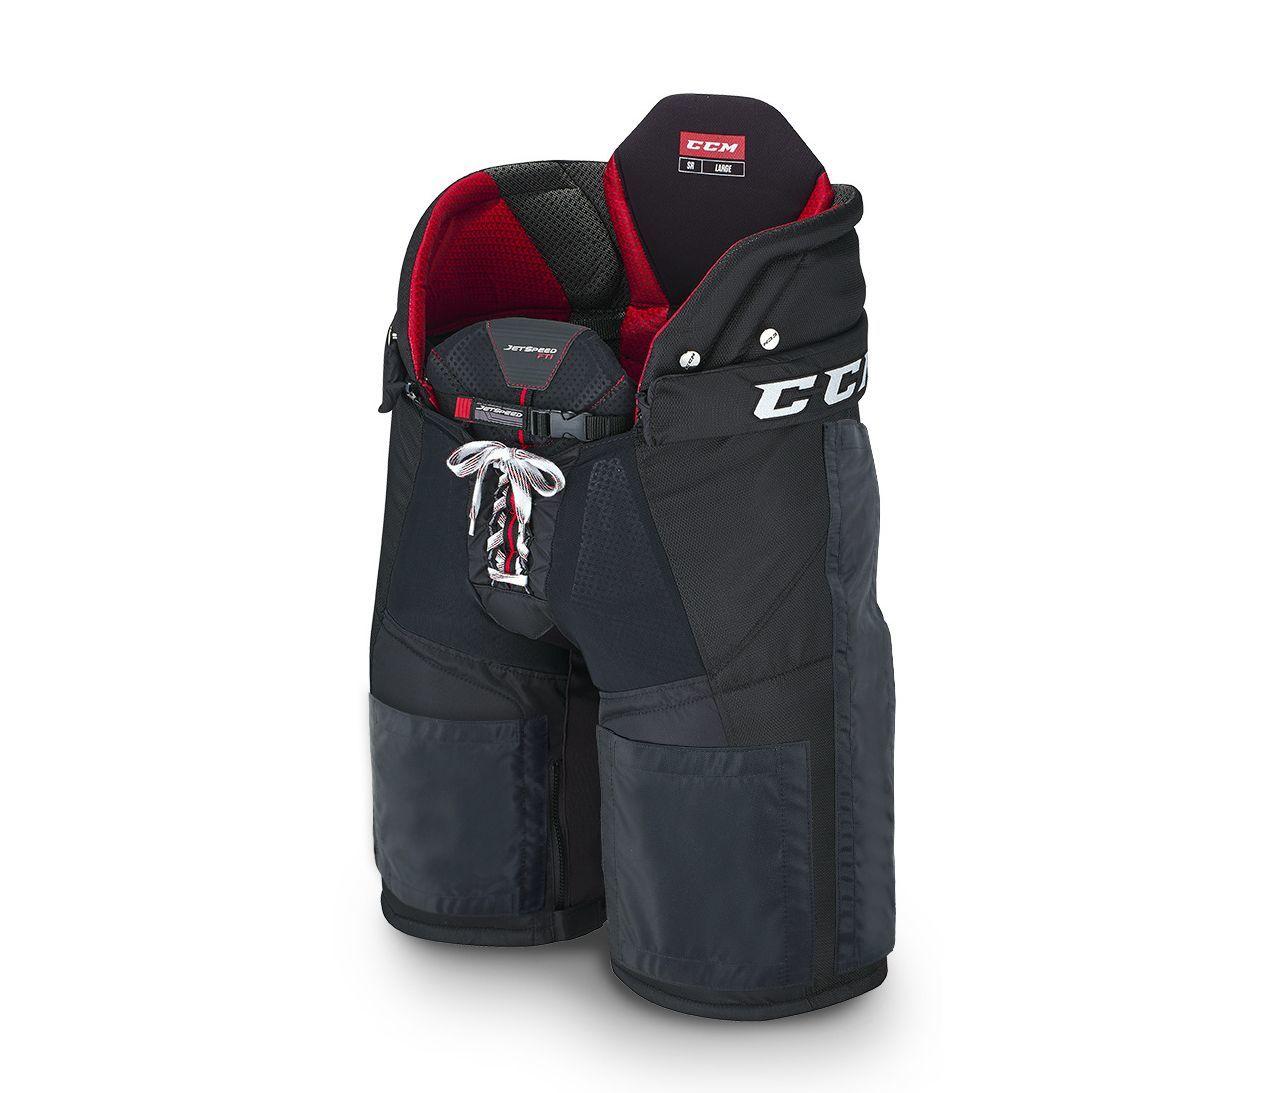 Kalhoty CCM Jetspeed FT1 Velcro SR, červená, Senior, M